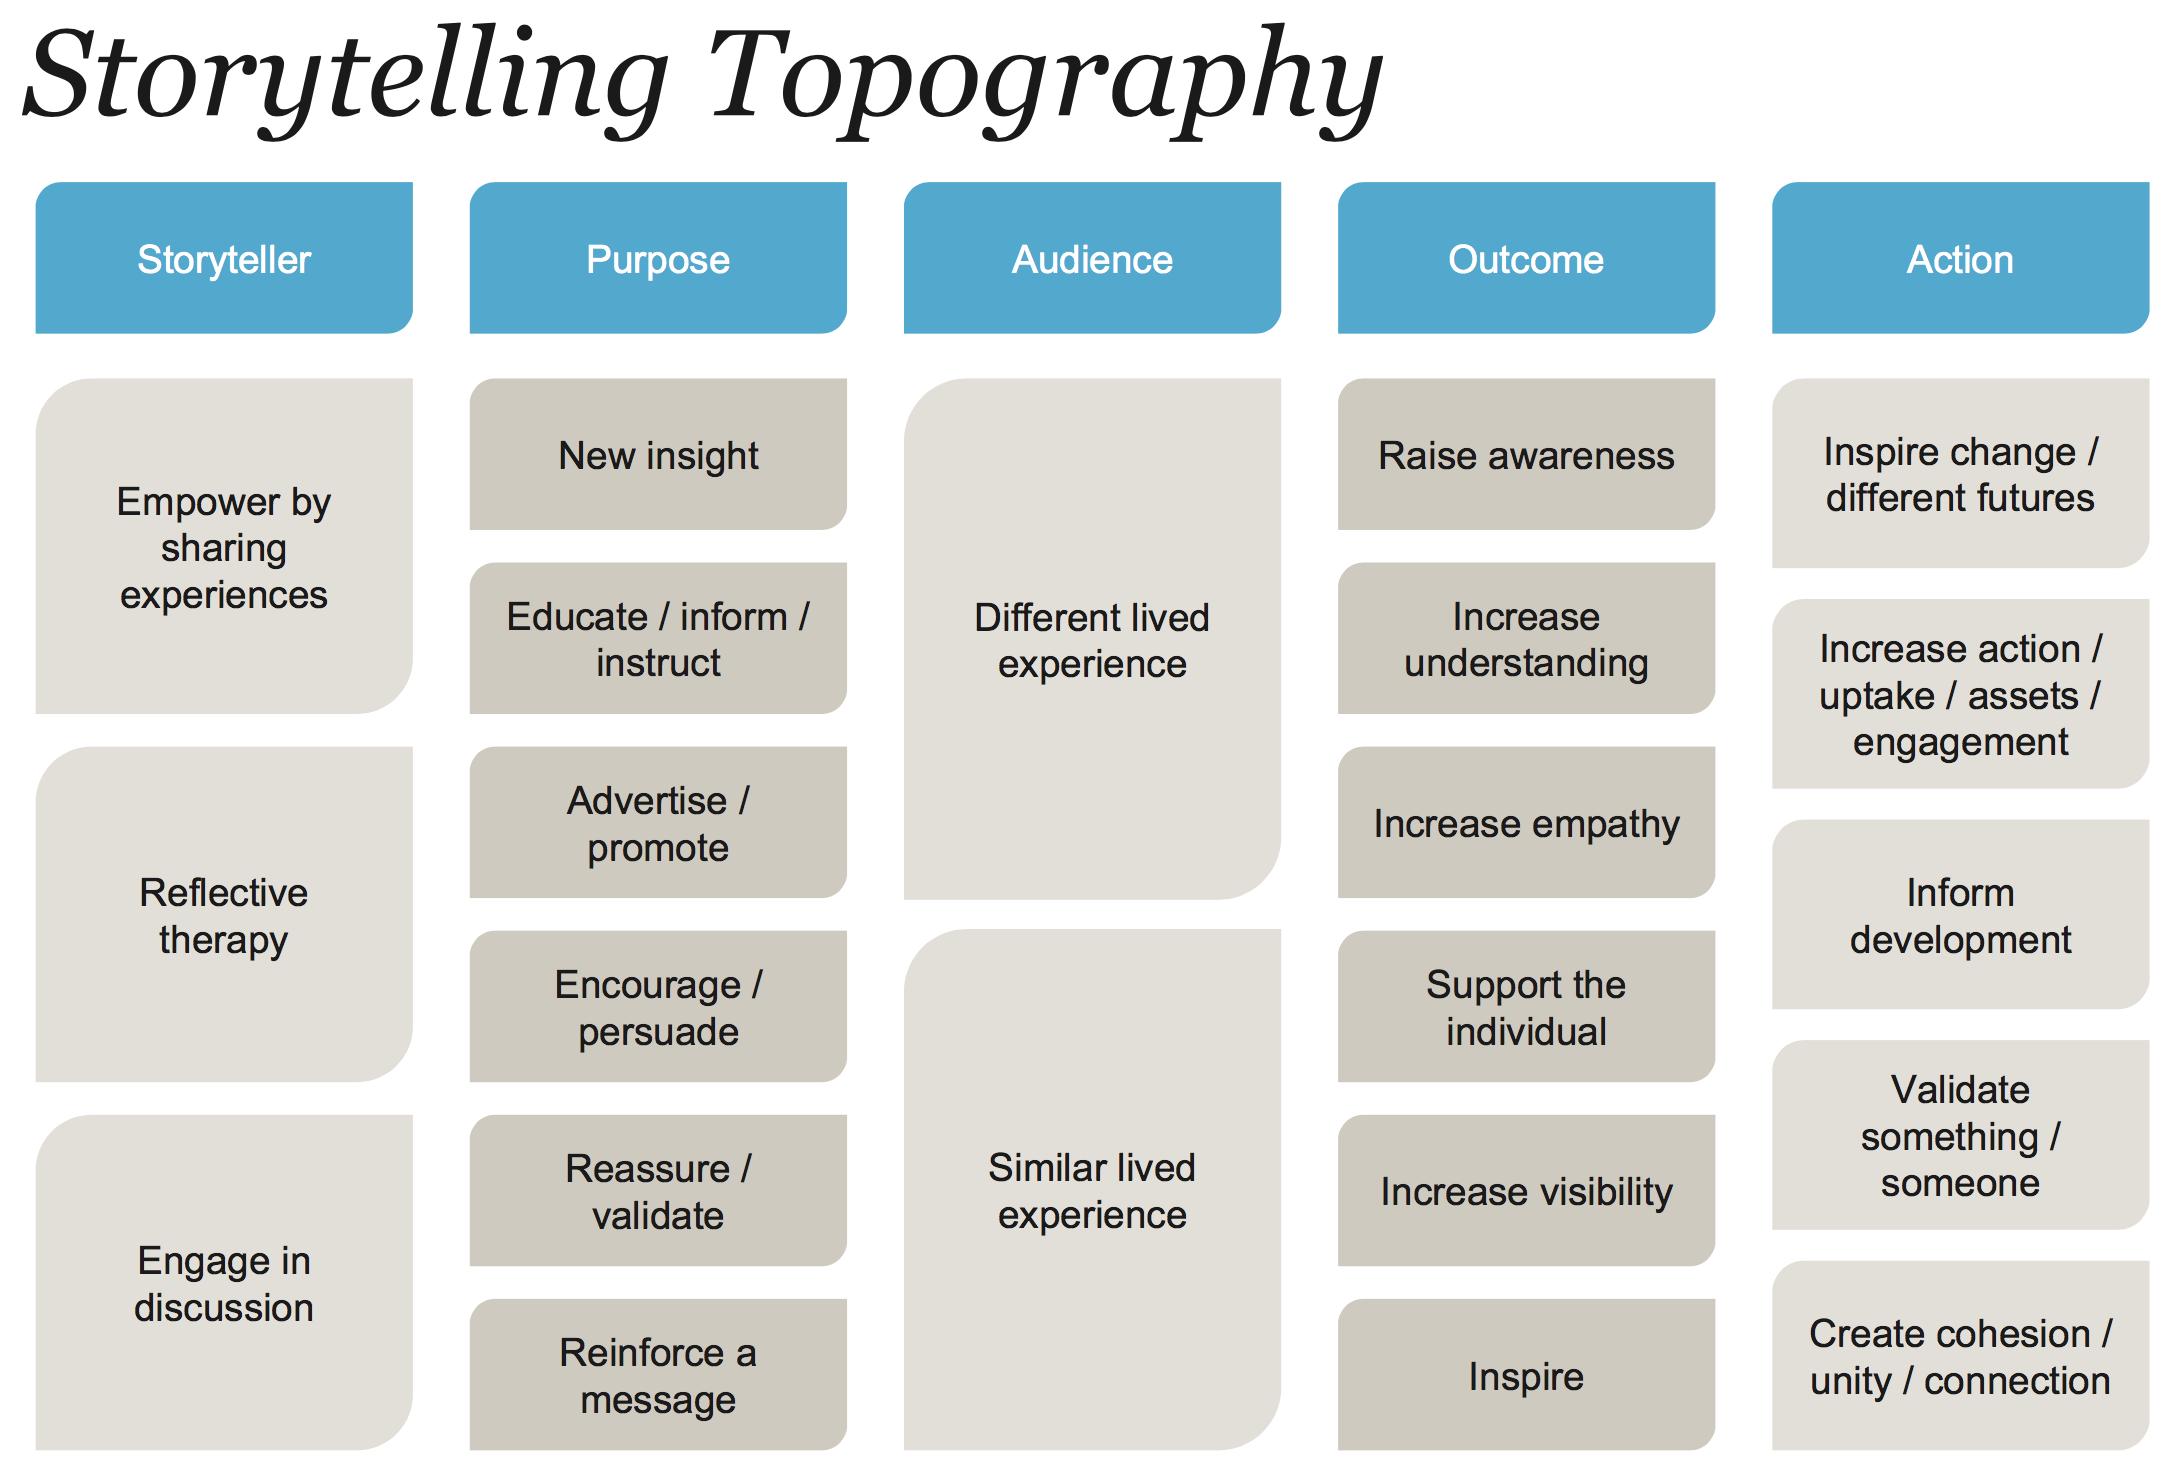 Storytelling topography